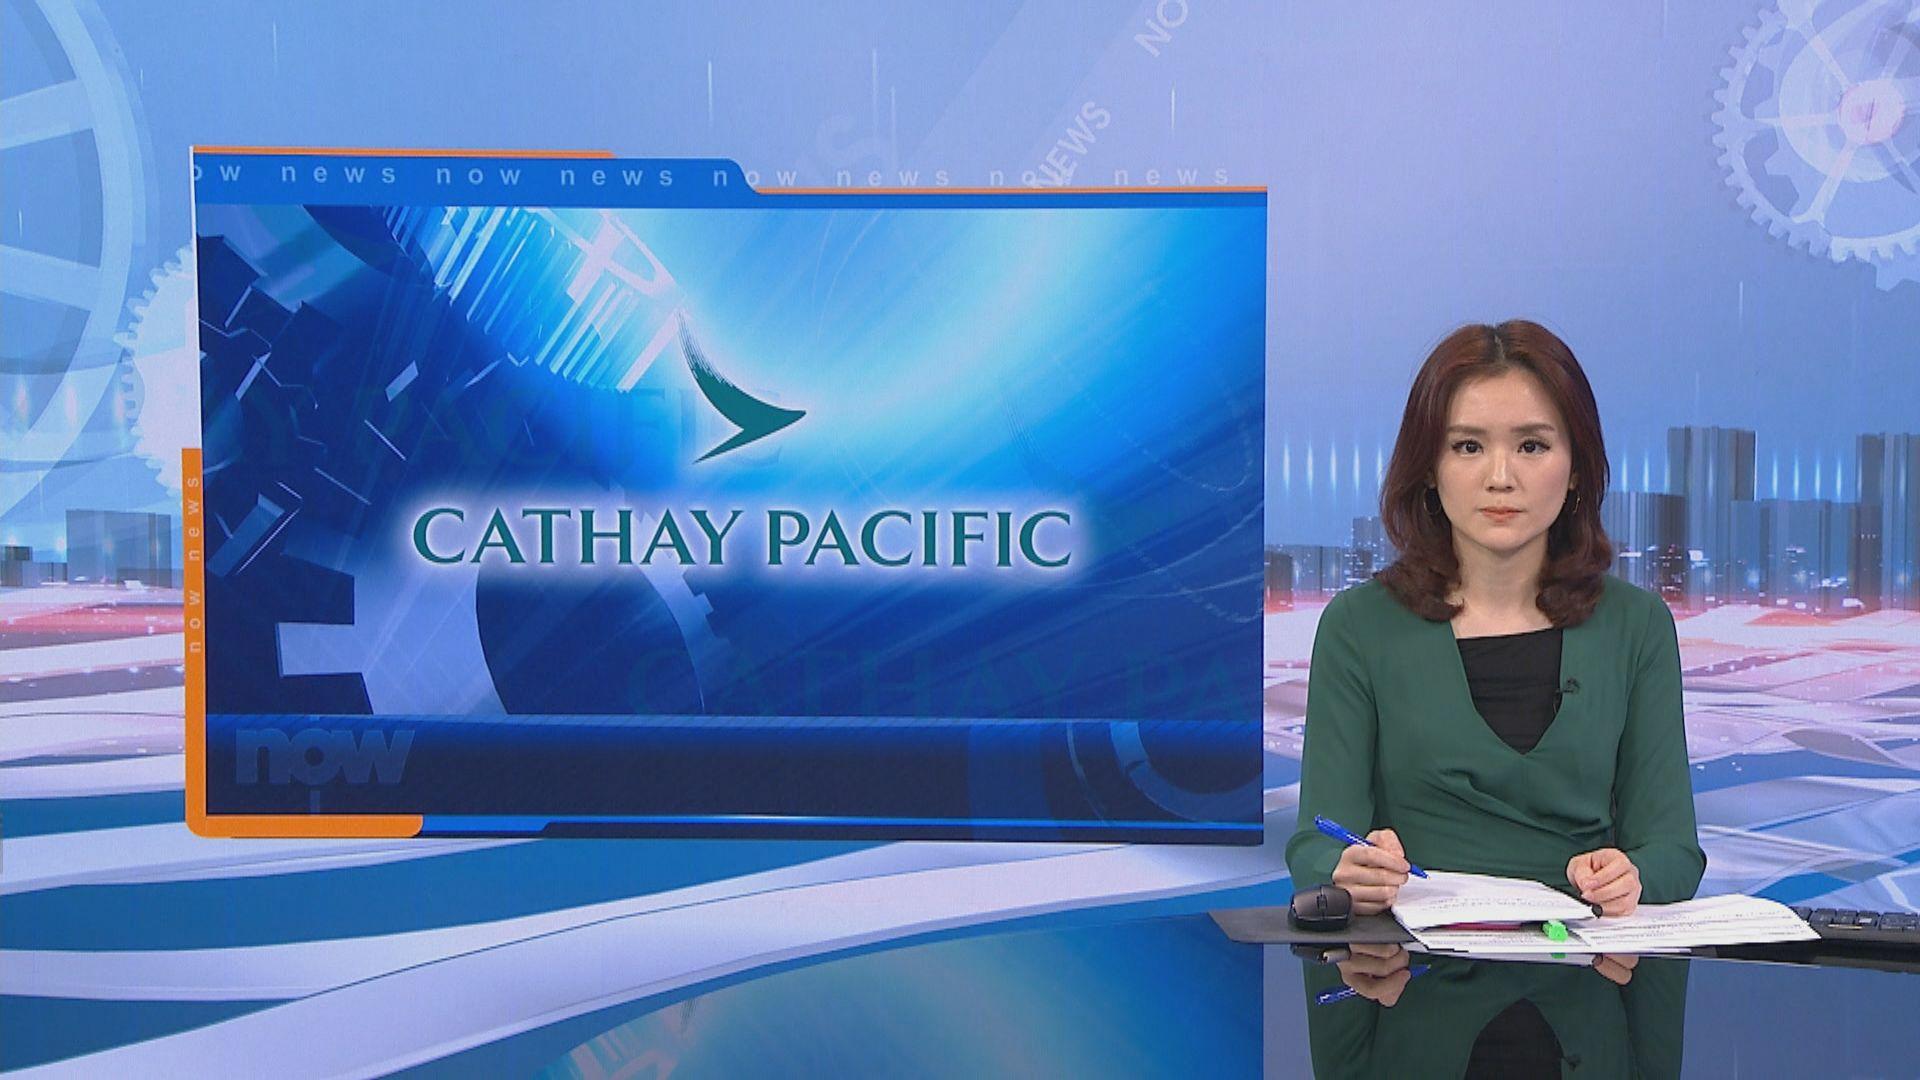 國泰空中服務員工會:資方不能因員工拒簽新合約解僱